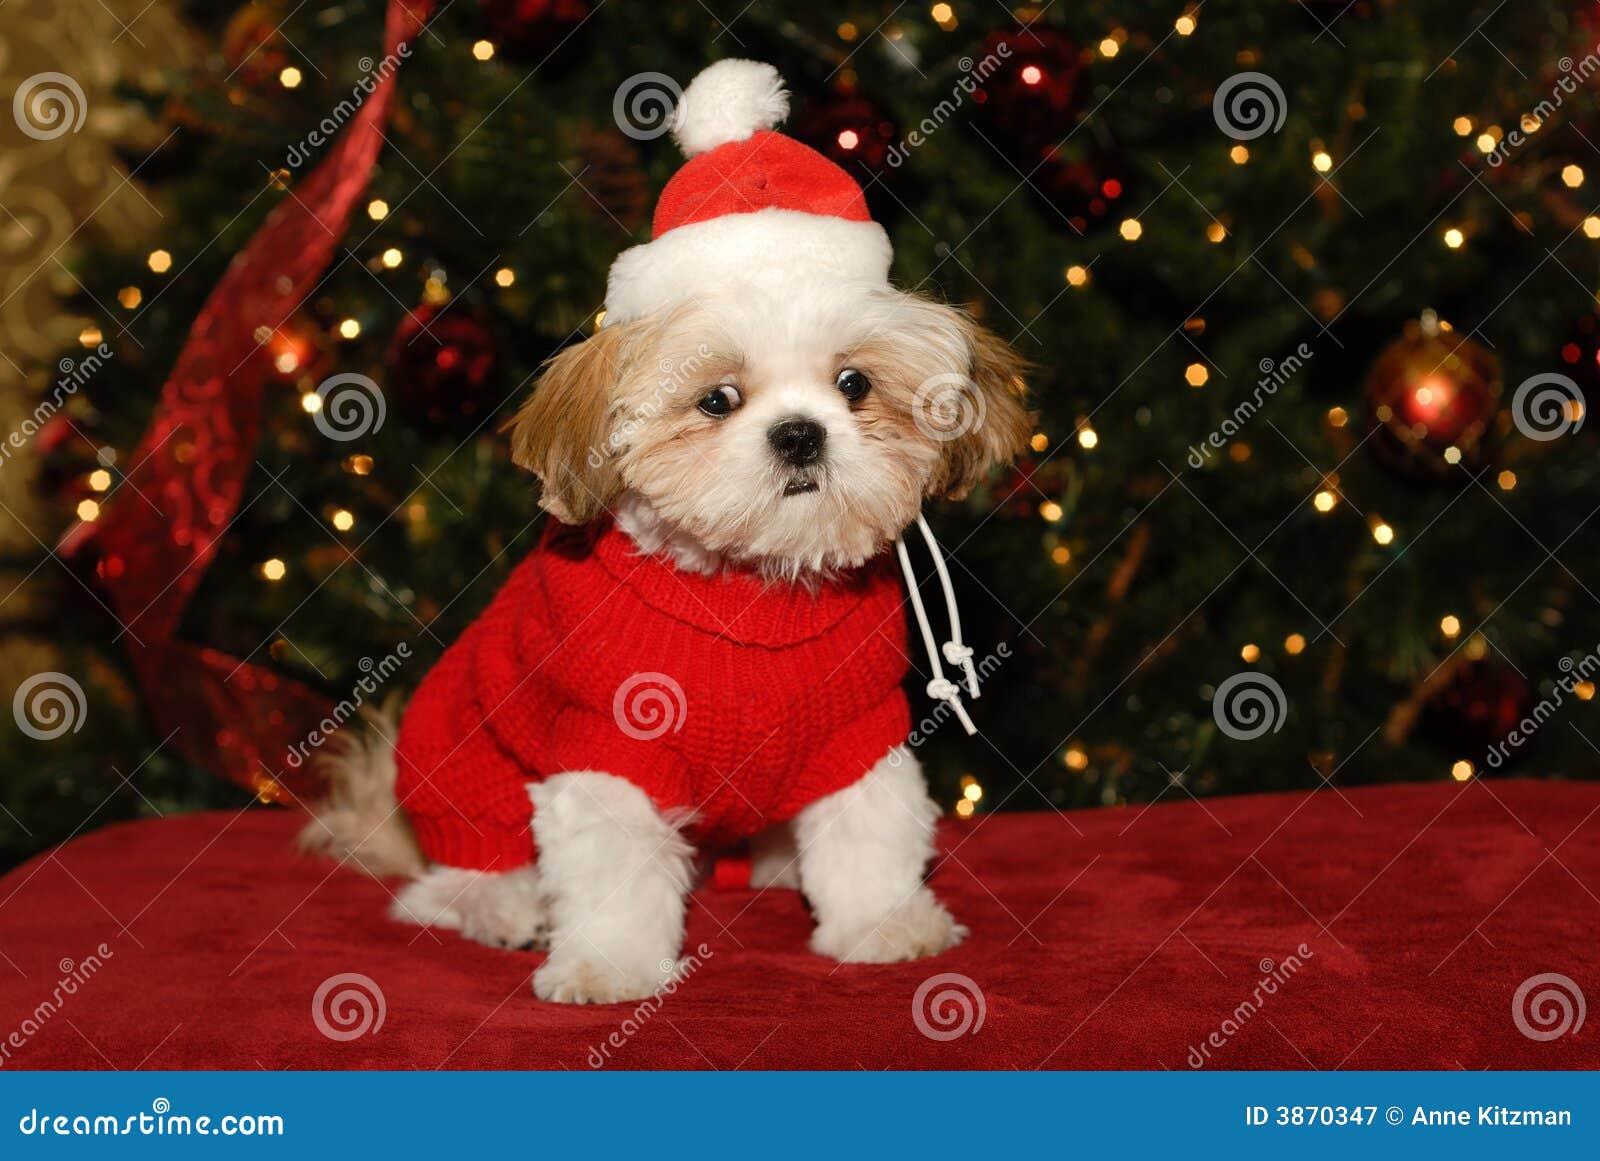 Que Você Significa Nenhum Papai Noel Imagem De Stock